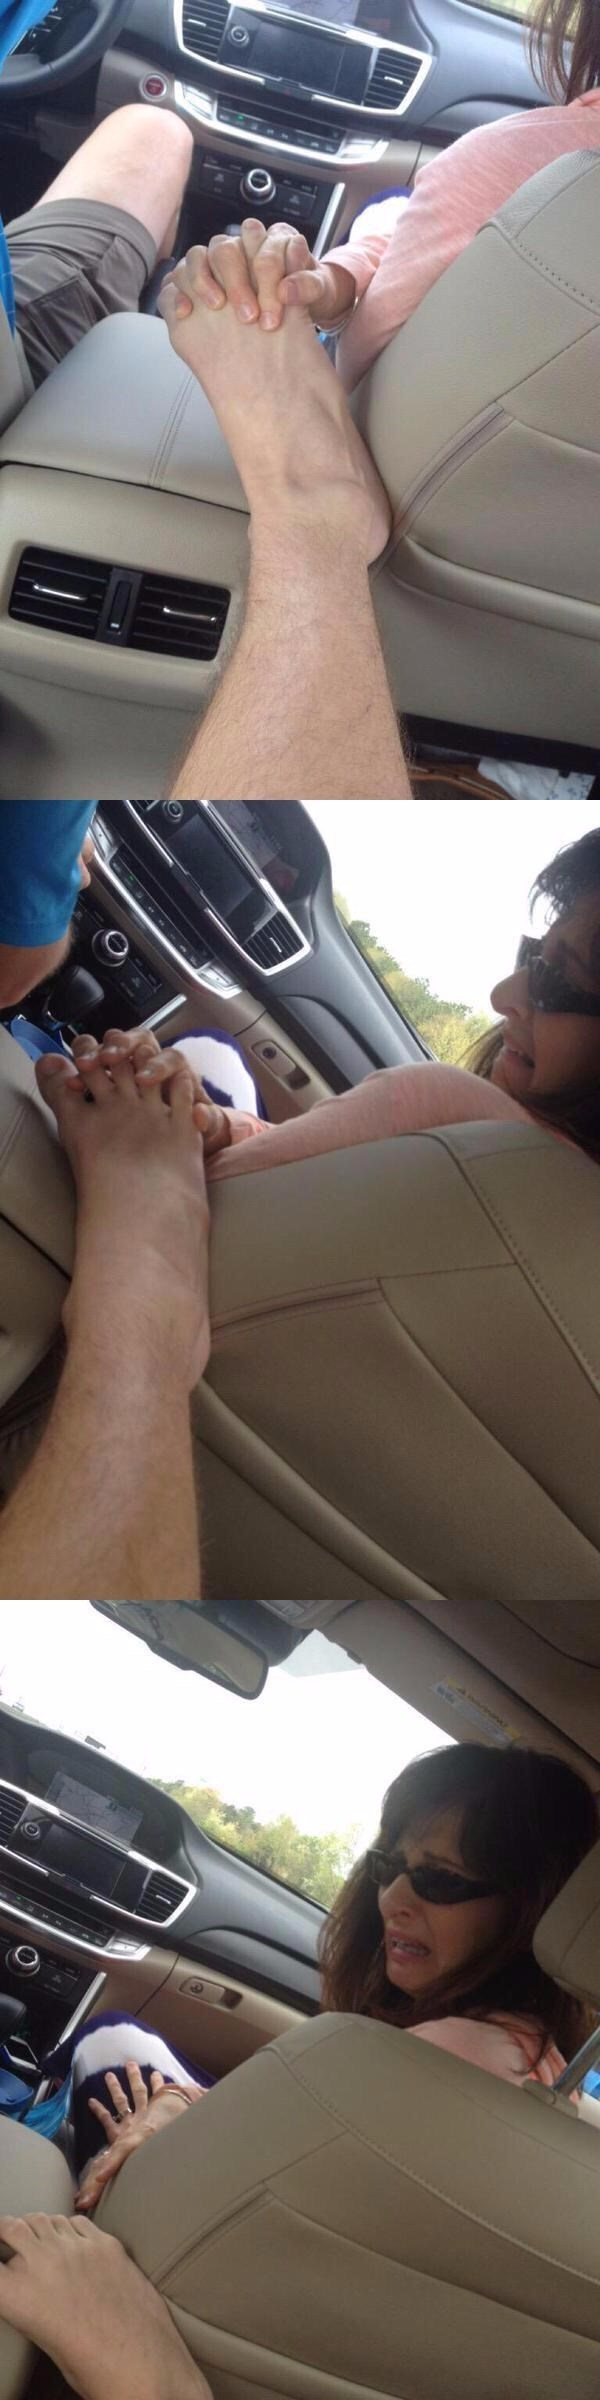 gross prank foot - 8604698112